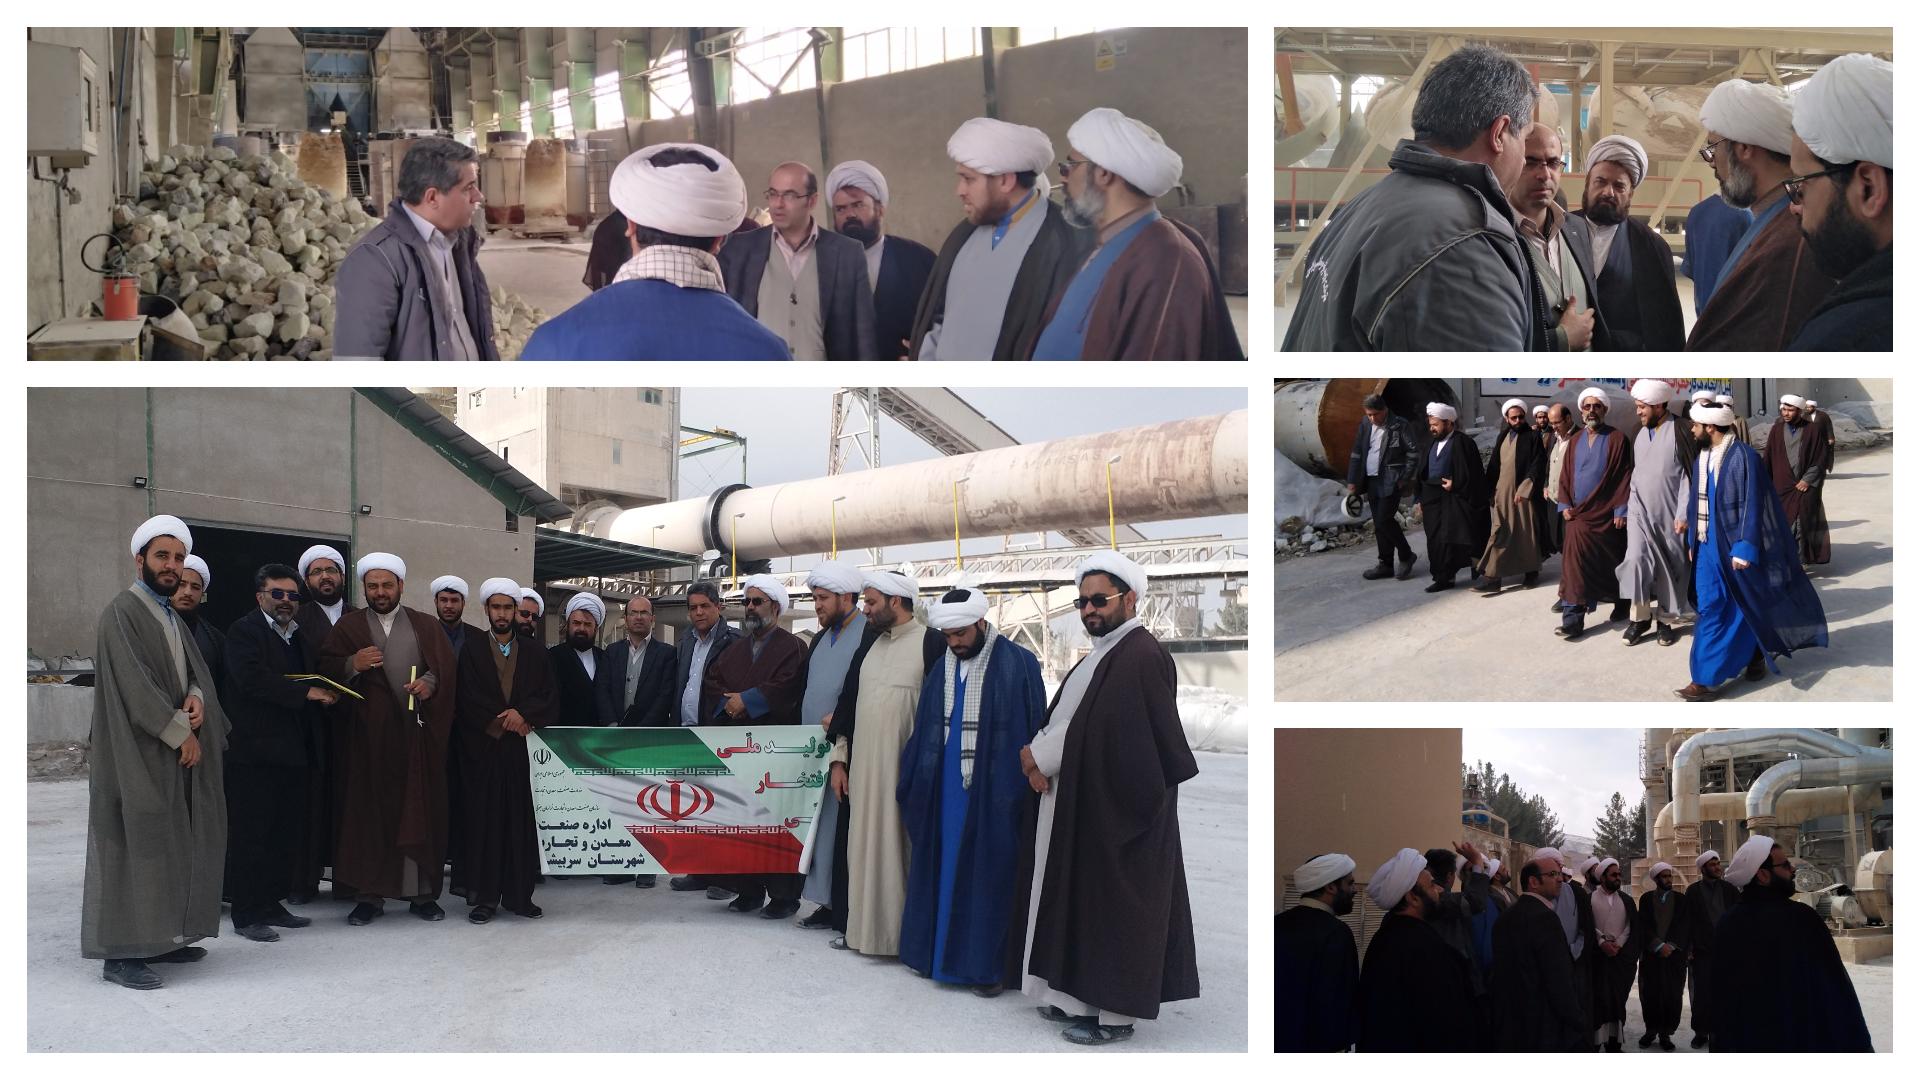 بازدید امام جمعه و جمعی از اساتید حوزه علمیه و روحانیون از اولین و بزرگترین کارخانه تولید اکسیدمنیزیم کشور